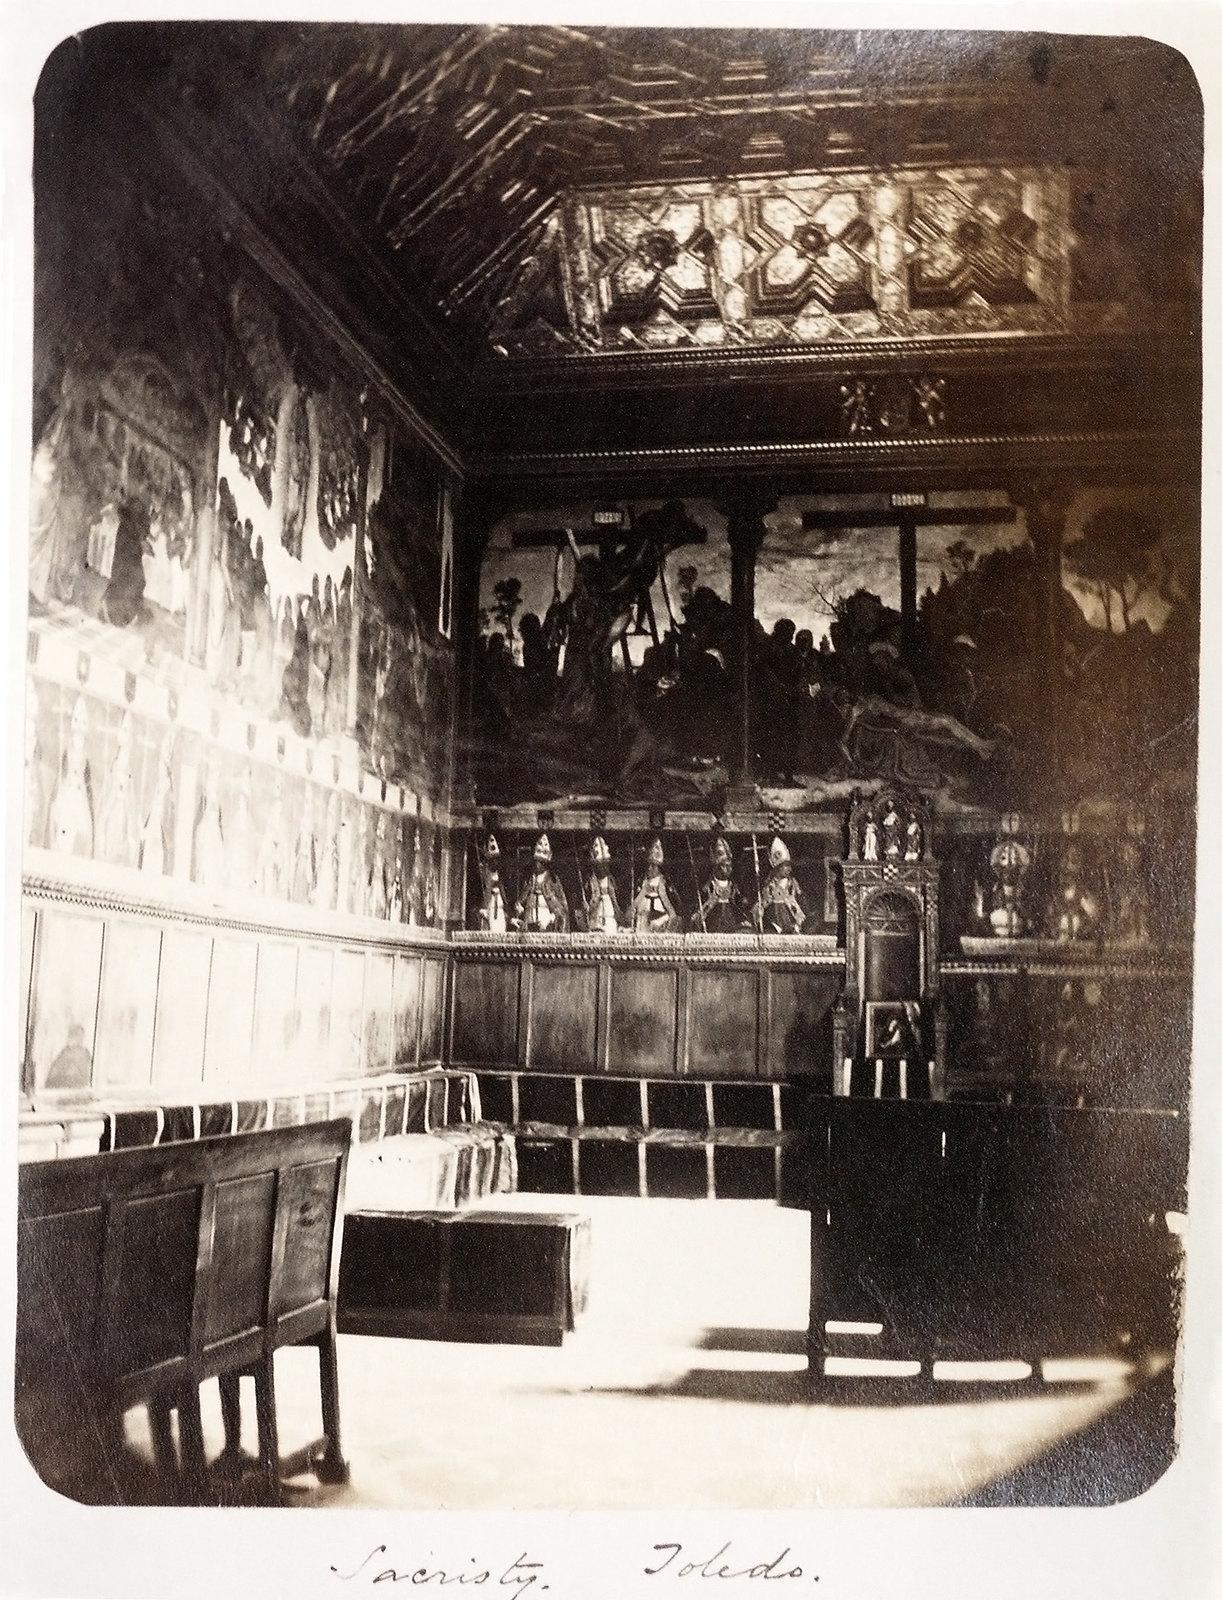 Sacrstía de la Catedral de Toledo hacia 1879. Álbum de la National Gallery con fotos de Casiano Alguacil.